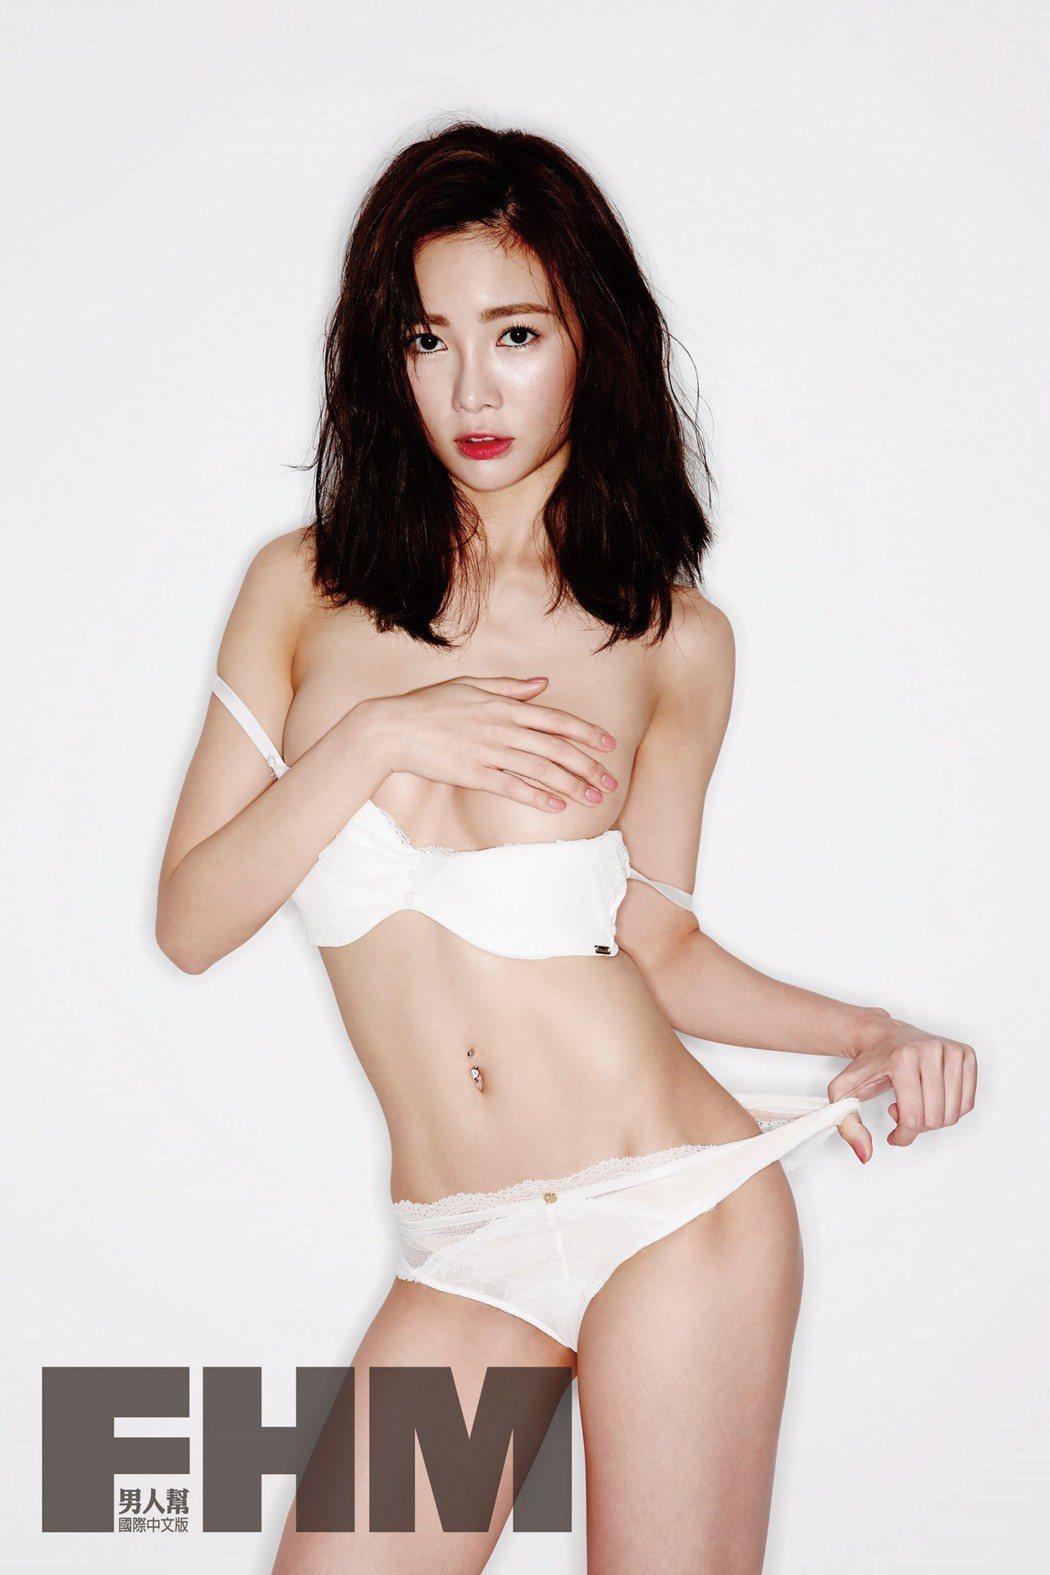 舒子晨為雜誌拍攝性感照。圖/FHM男人幫國際中文版提供